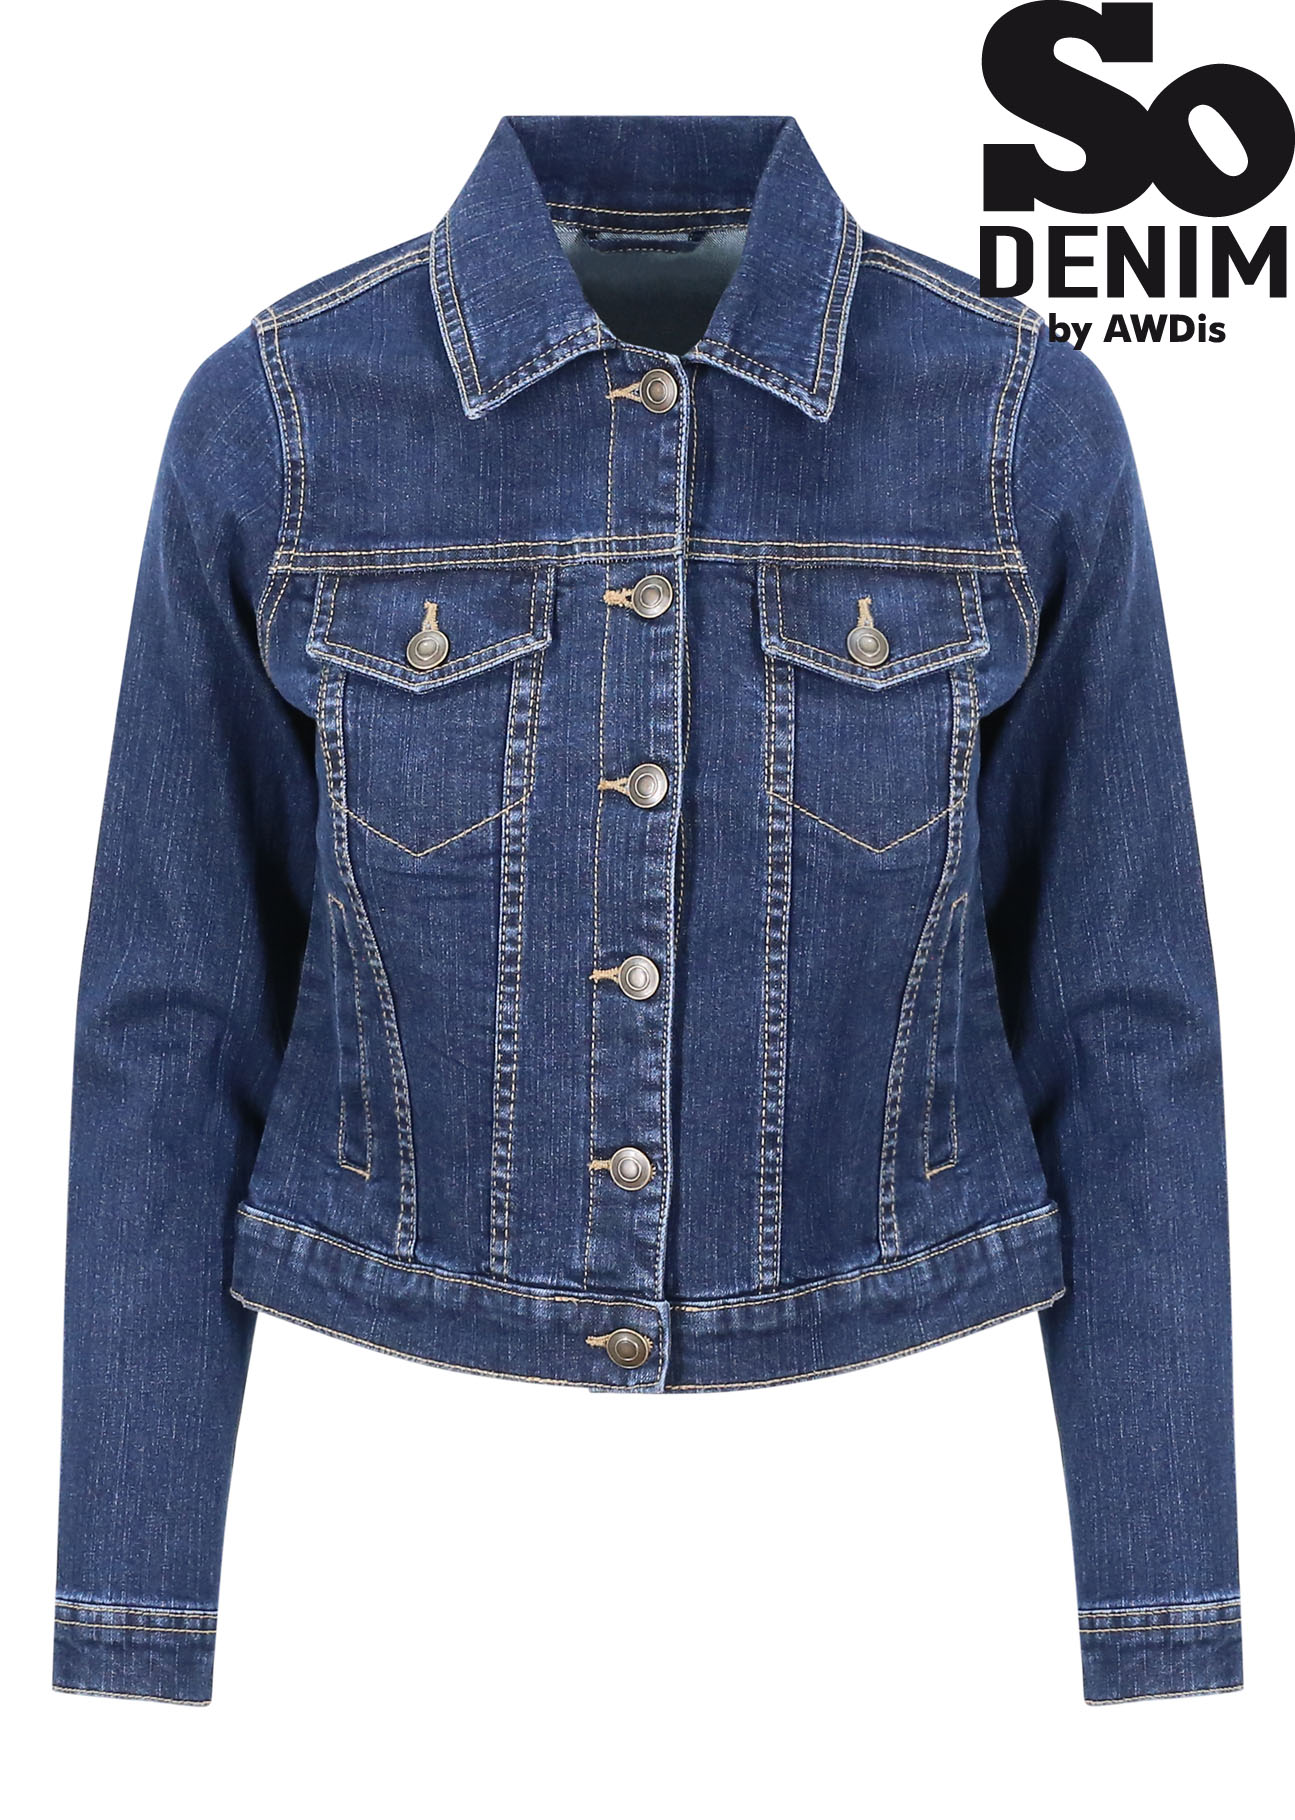 online store ff417 568c3 So Denim, Damen Jeansjacke Olivia, günstig besticken ...